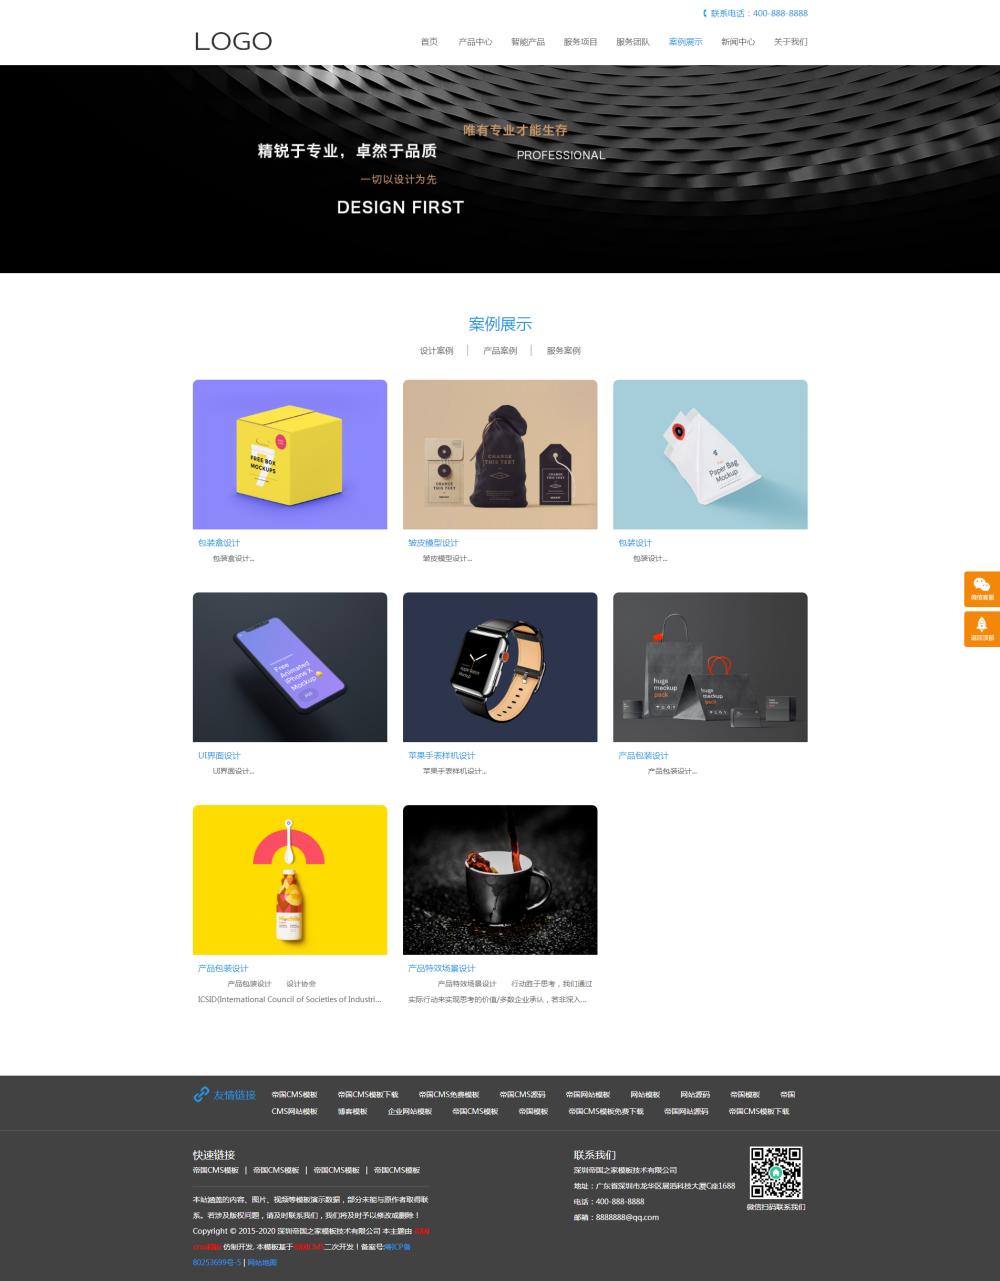 6案例展示.png [DG-0150]响应式企业产品展示帝国cms模板 公司企业产品销售帝国网站模板 企业模板 第6张